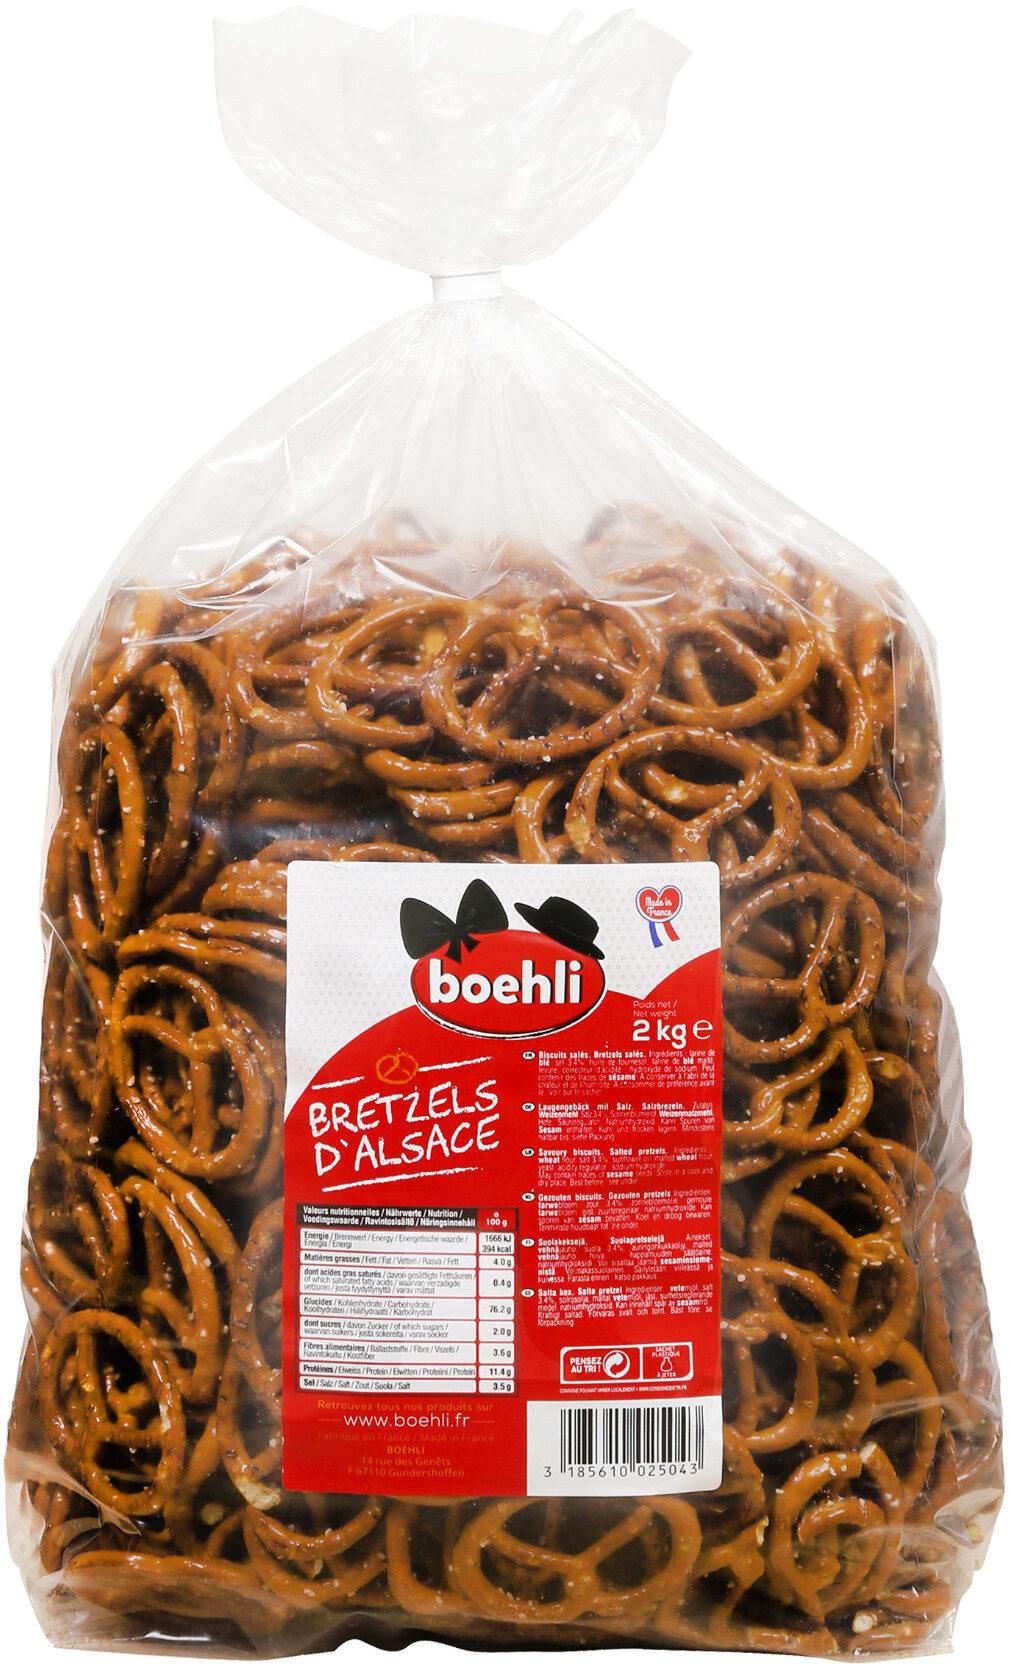 Sac bretzels moyennes - Product - fr